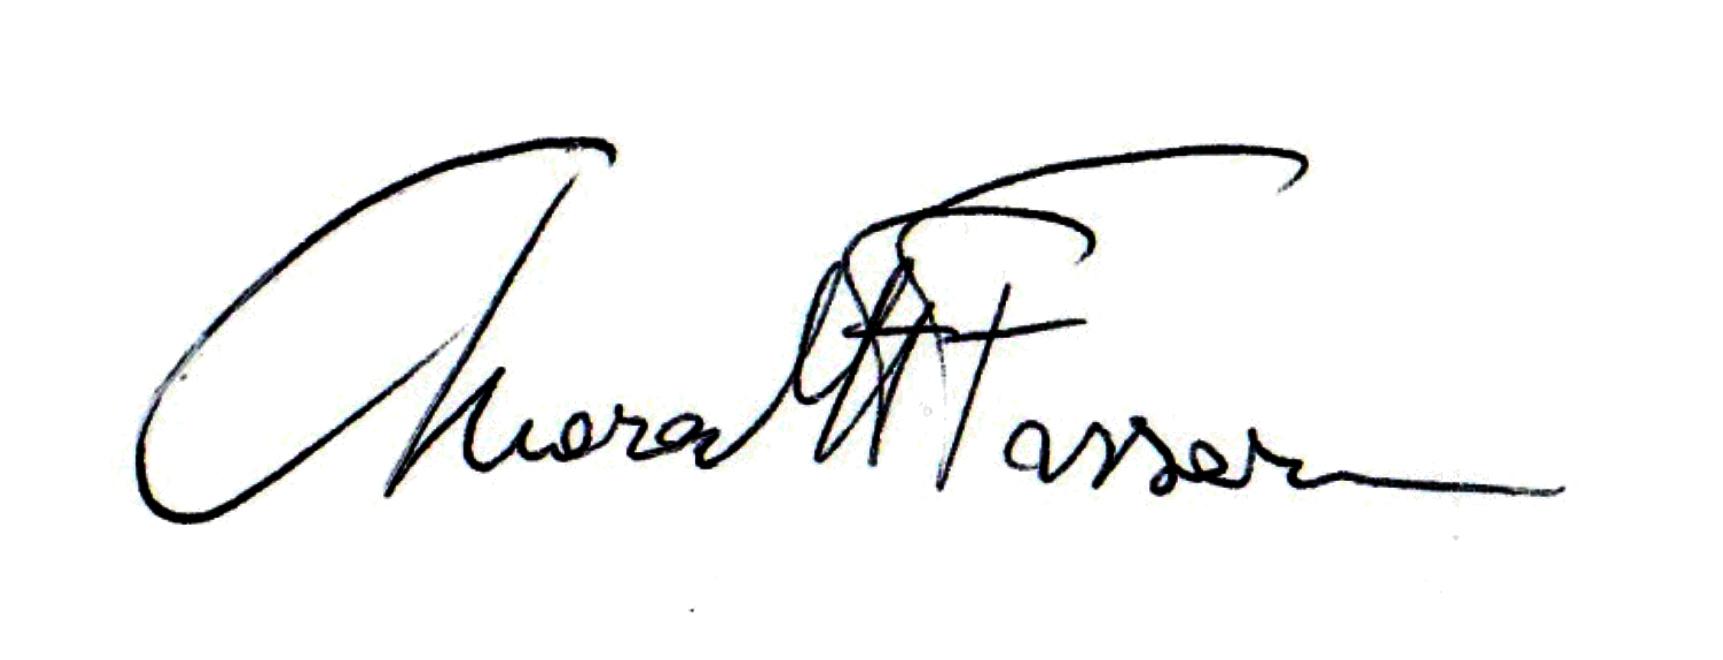 Chiara Fassari's Signature